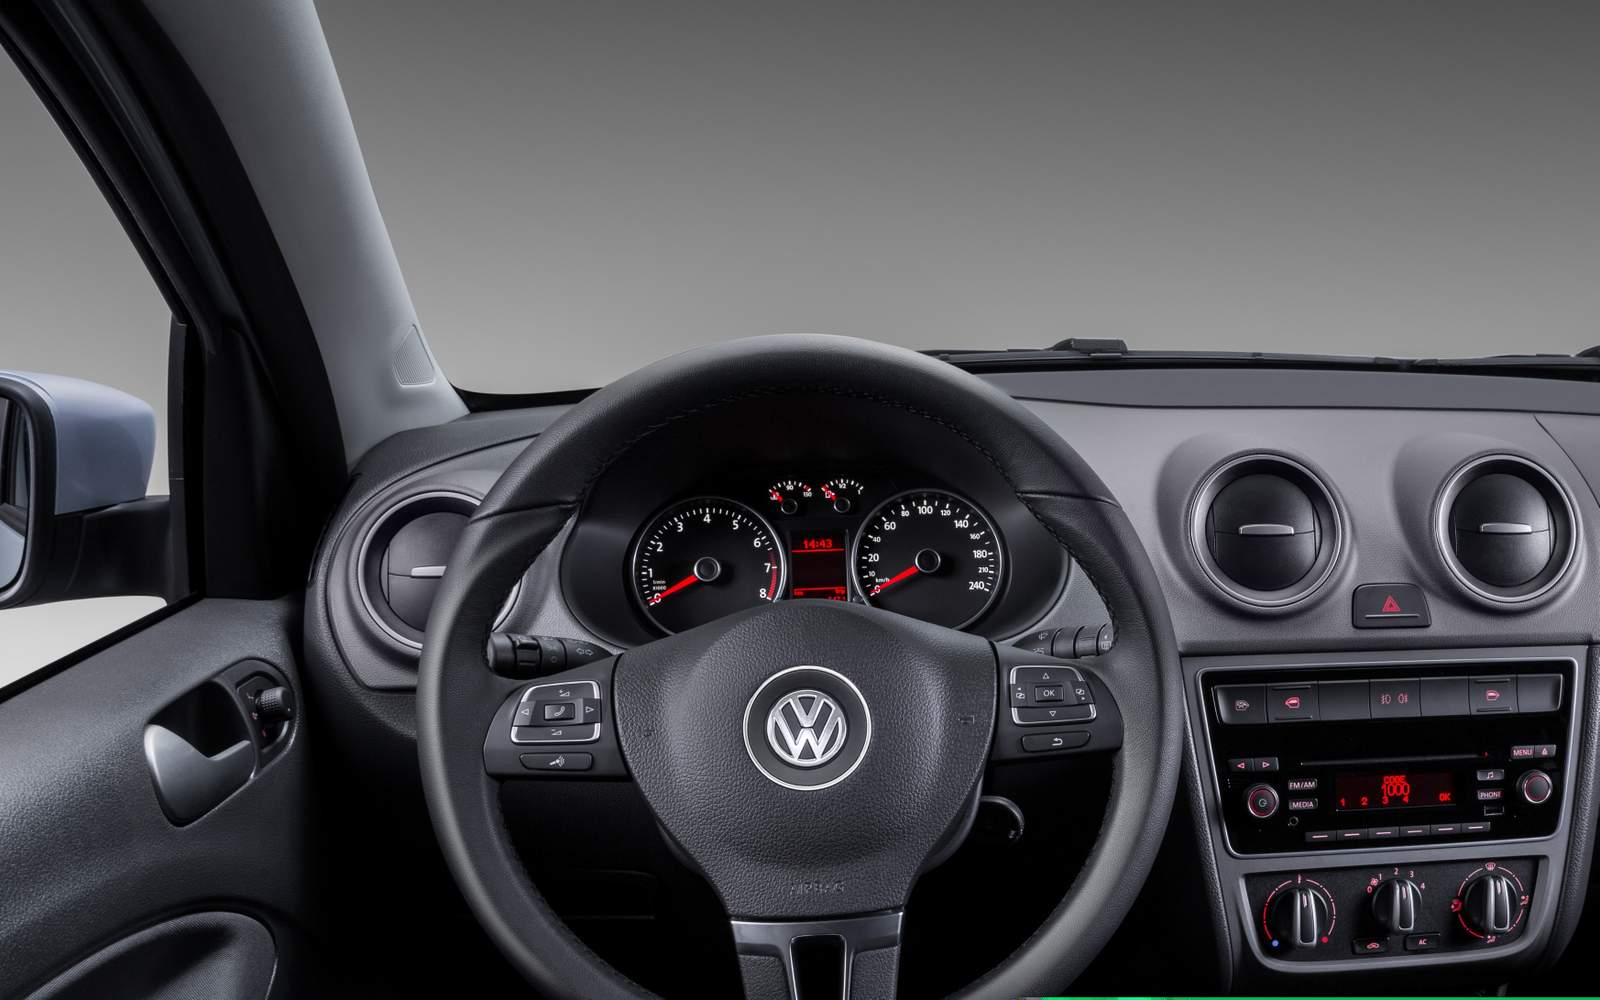 Novo Volkswagen Voyage Comfortline 2015 - Painel